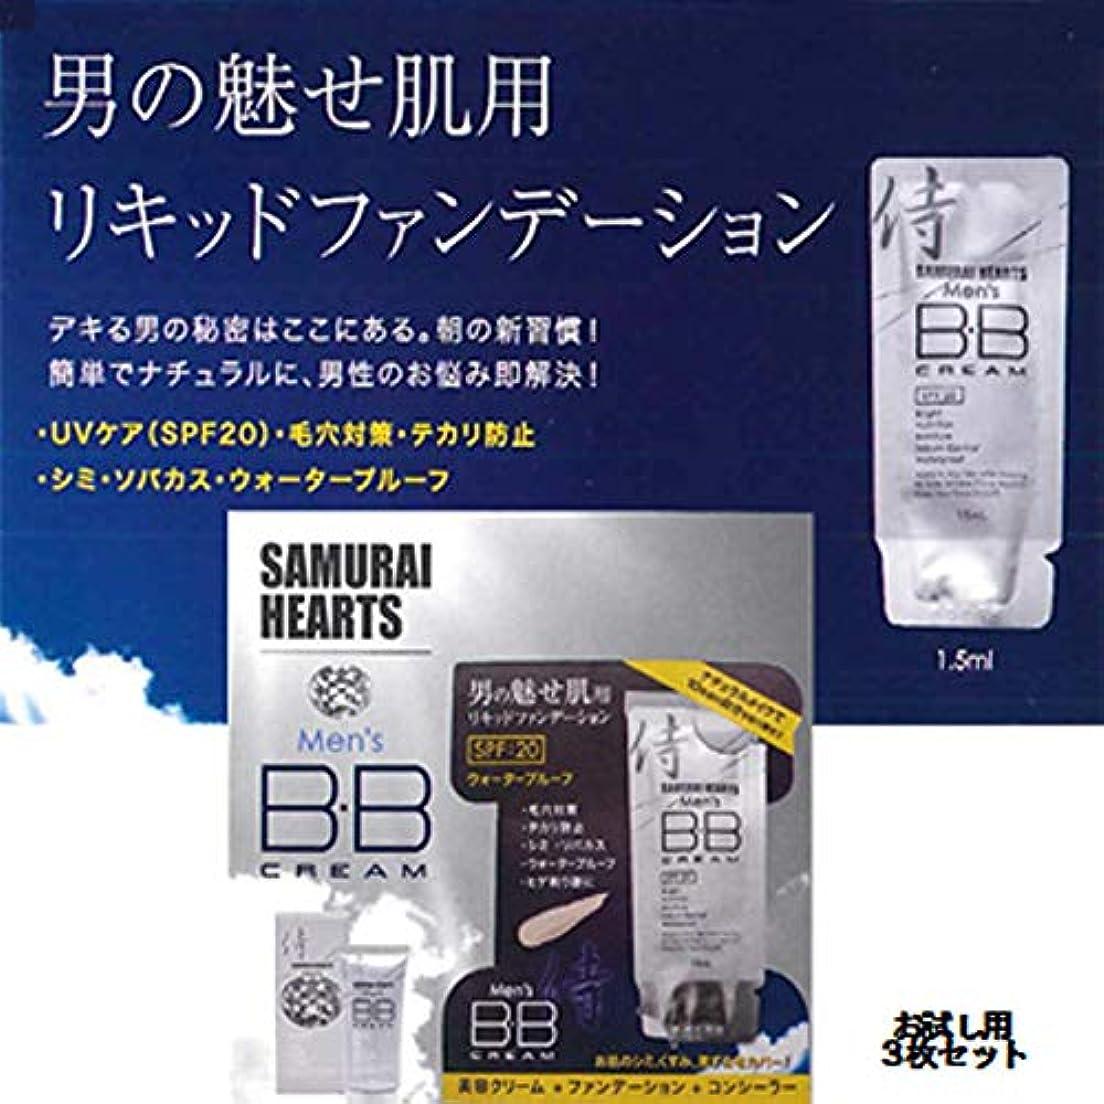 ナンセンス居心地の良い予測するサムライハーツ BBクリーム SPF20 パウチ1.5ml 3枚入 お試し用